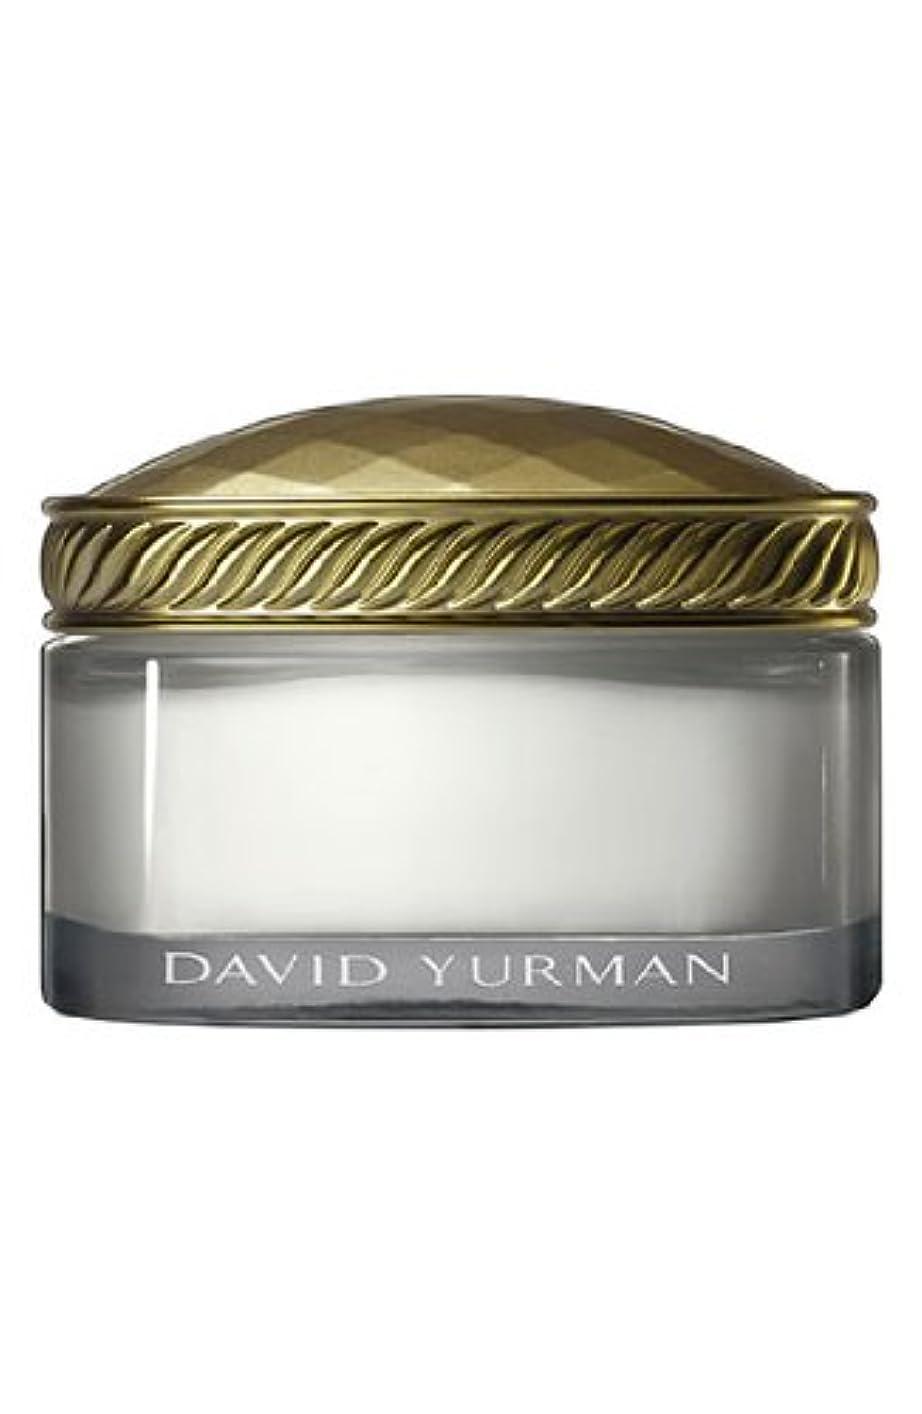 事実上ずらすマニフェストDavid Yurman (デイビッド ヤーマン) 6.7 oz (100ml) Luxurious Body Cream (箱なし) for Women